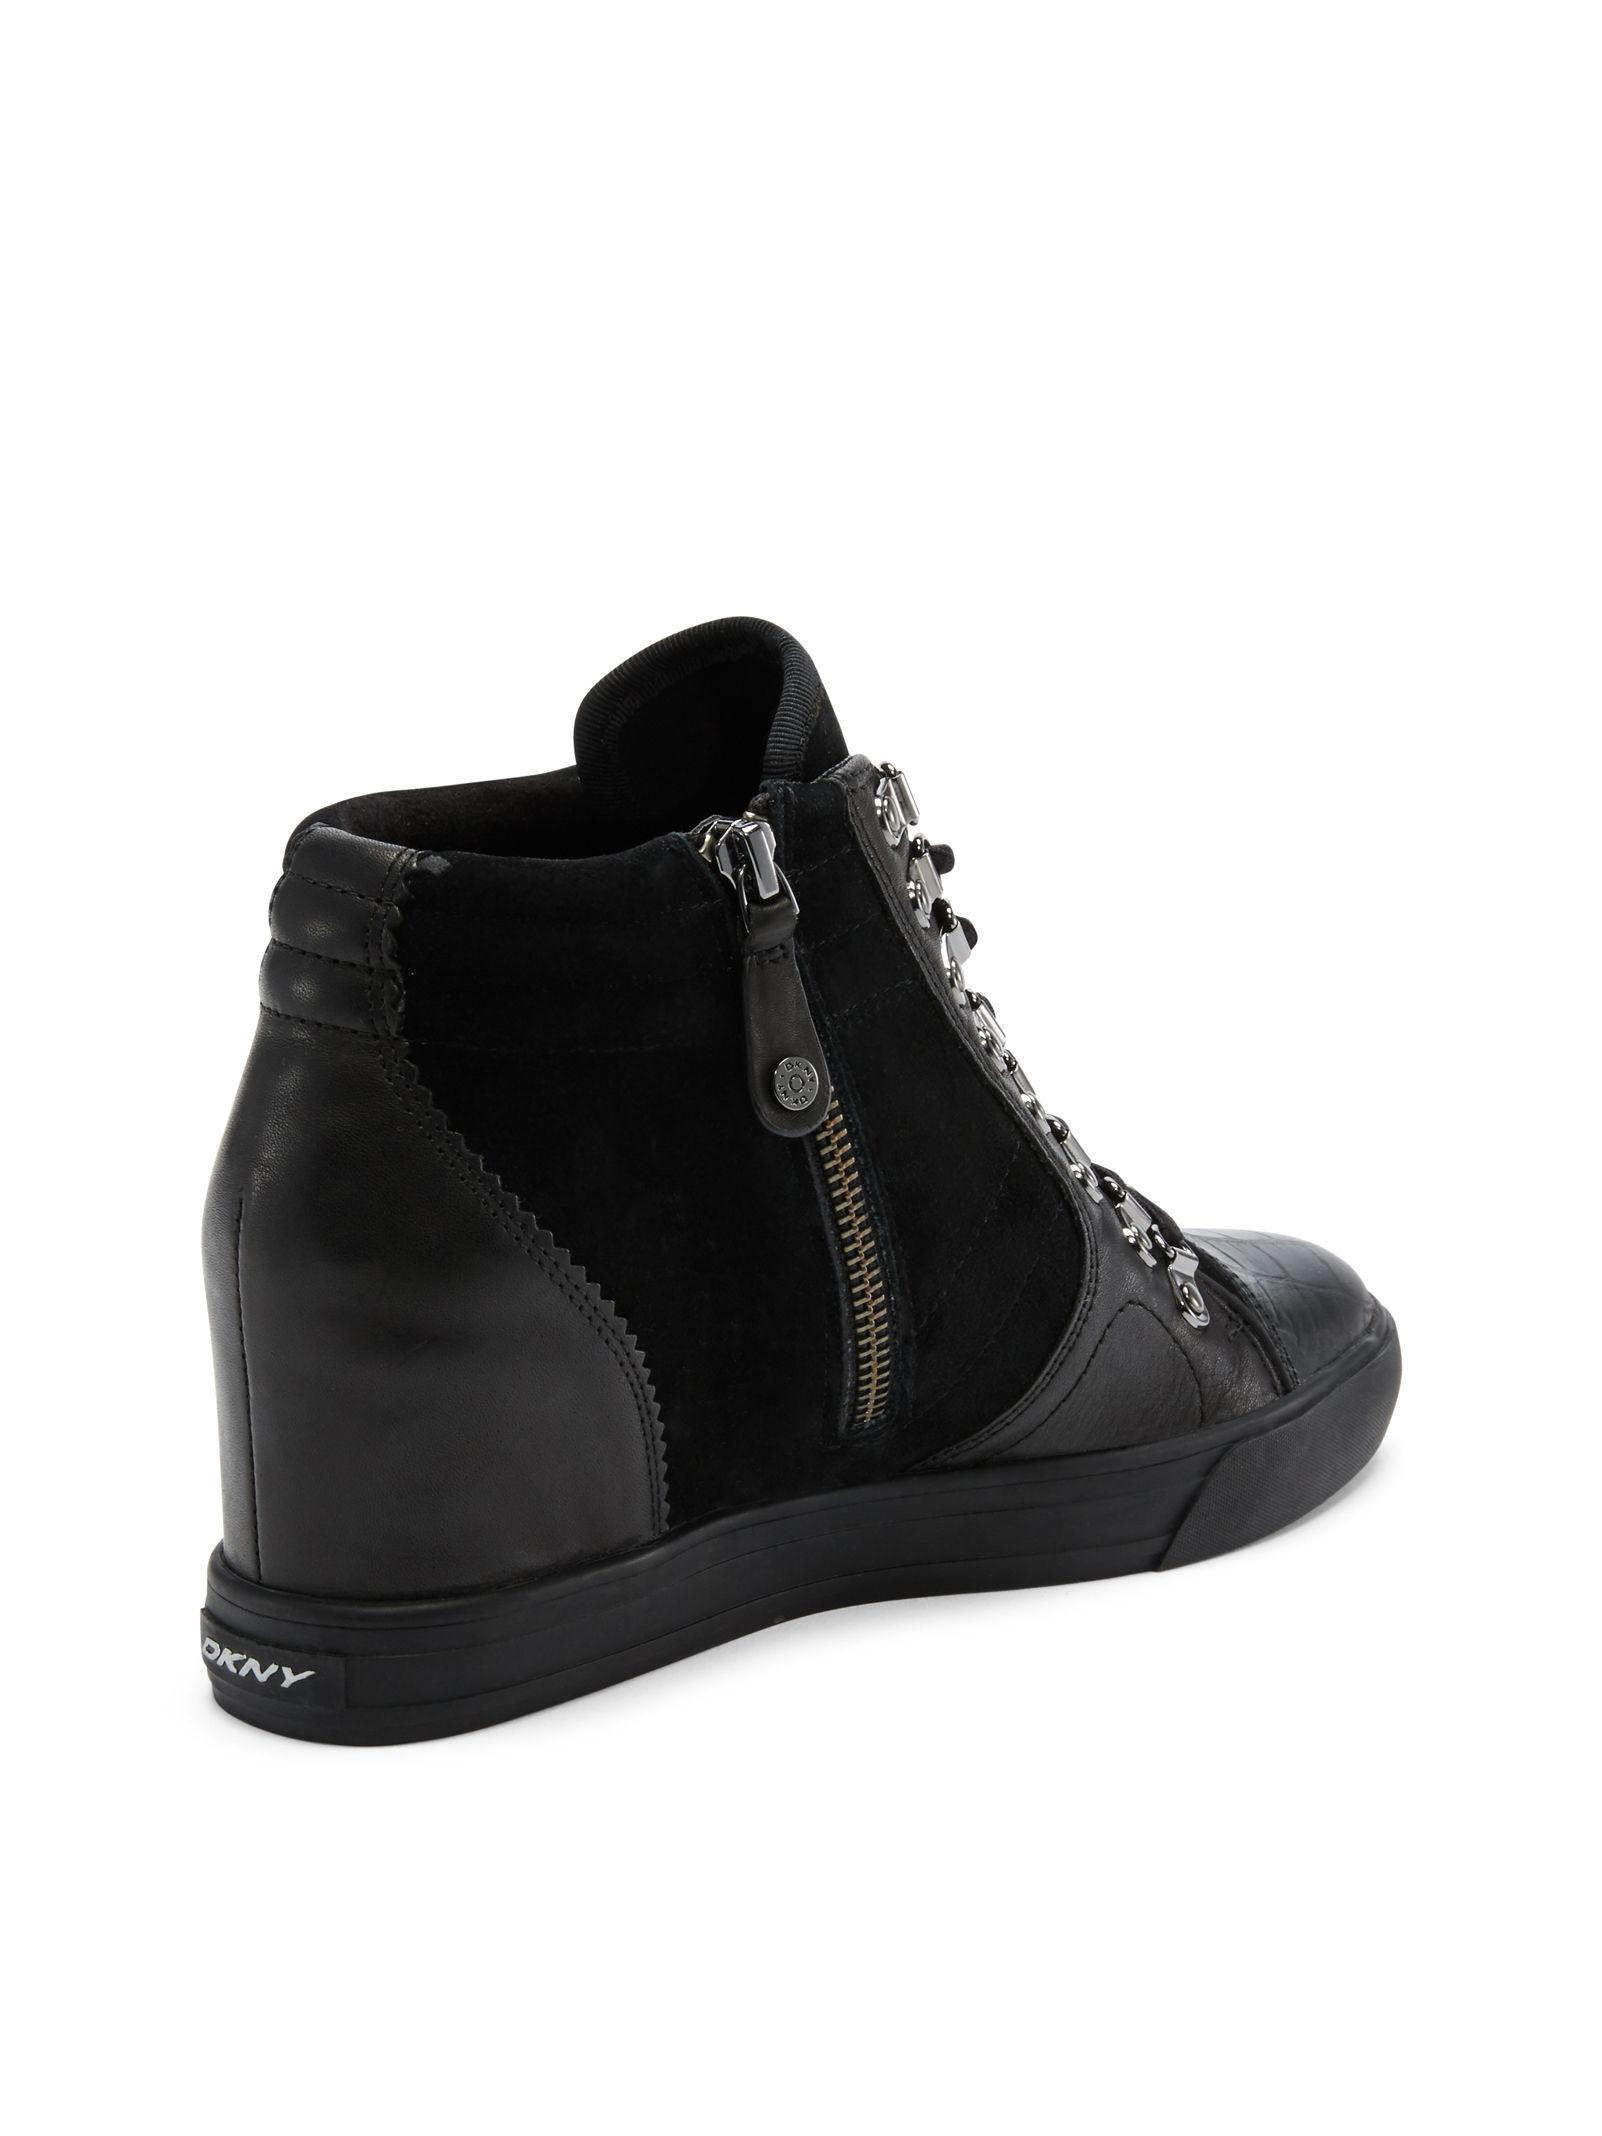 afe98c7799d6 Lyst - DKNY Cindy Wedge Sneaker in Black